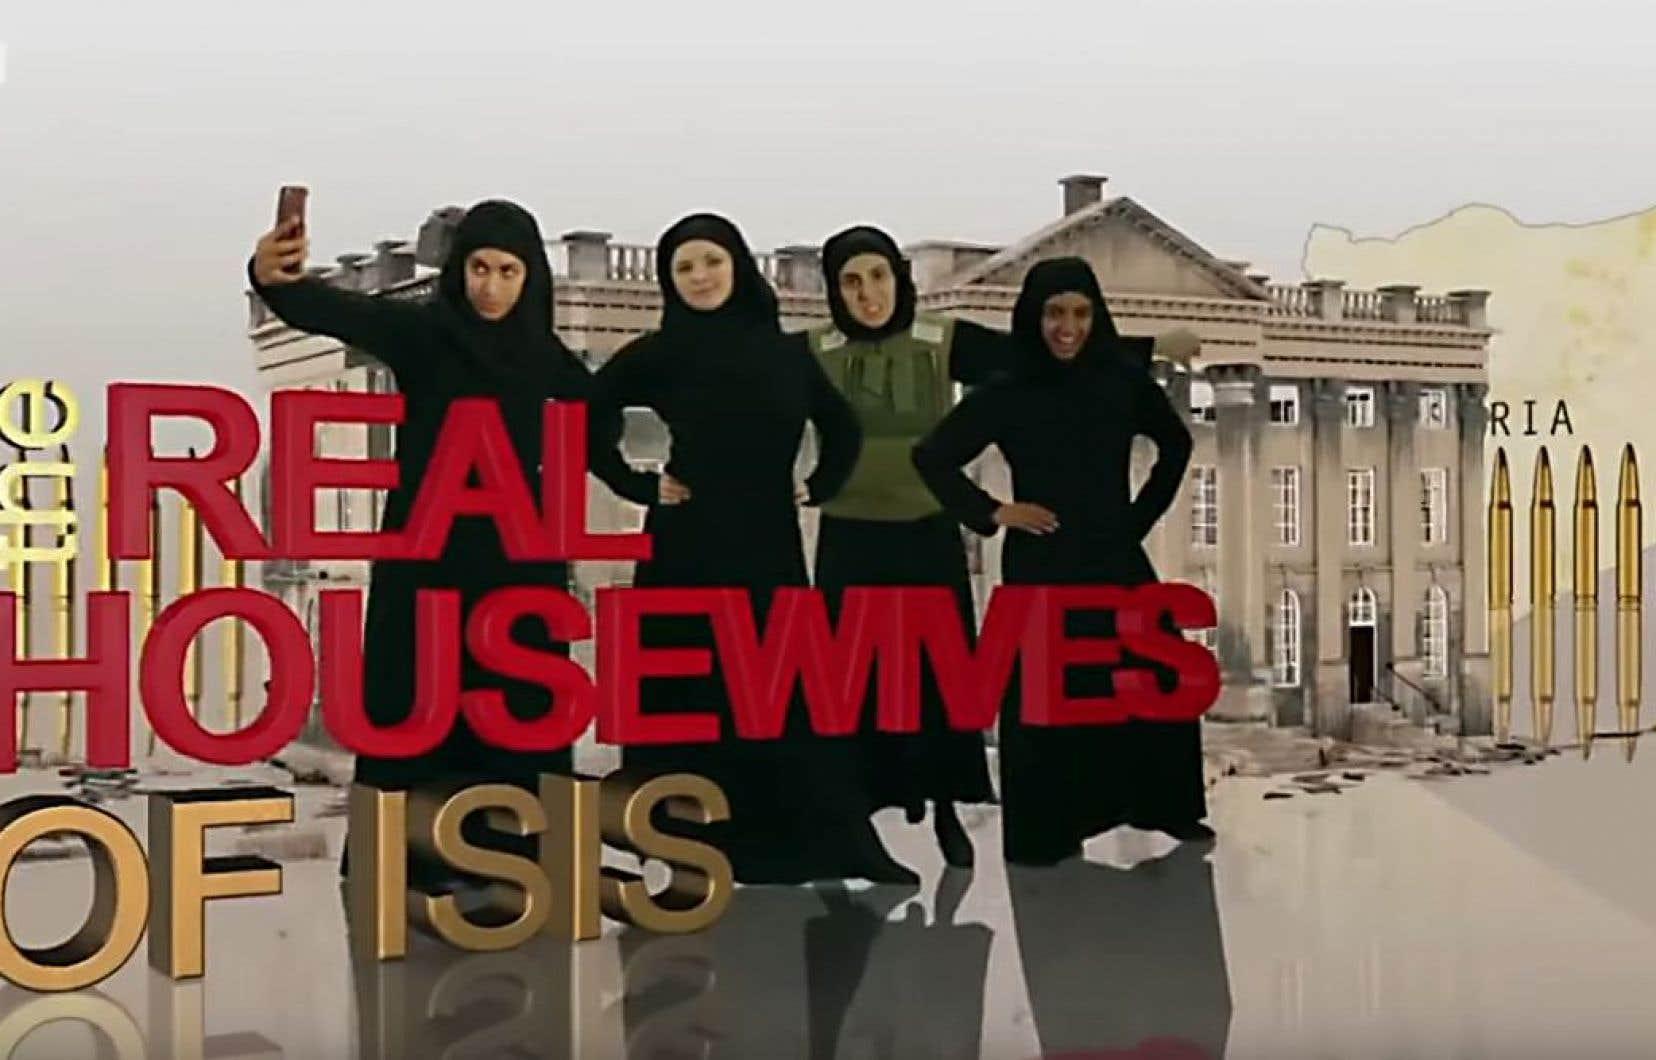 Le sketch satirique «The Real Housewives of ISIS», diffusé dans l'émission «Revolting», met en scène quatre femmes, toutes mariées à des membres du groupe État islamique de l'Irak ou de la Syrie.